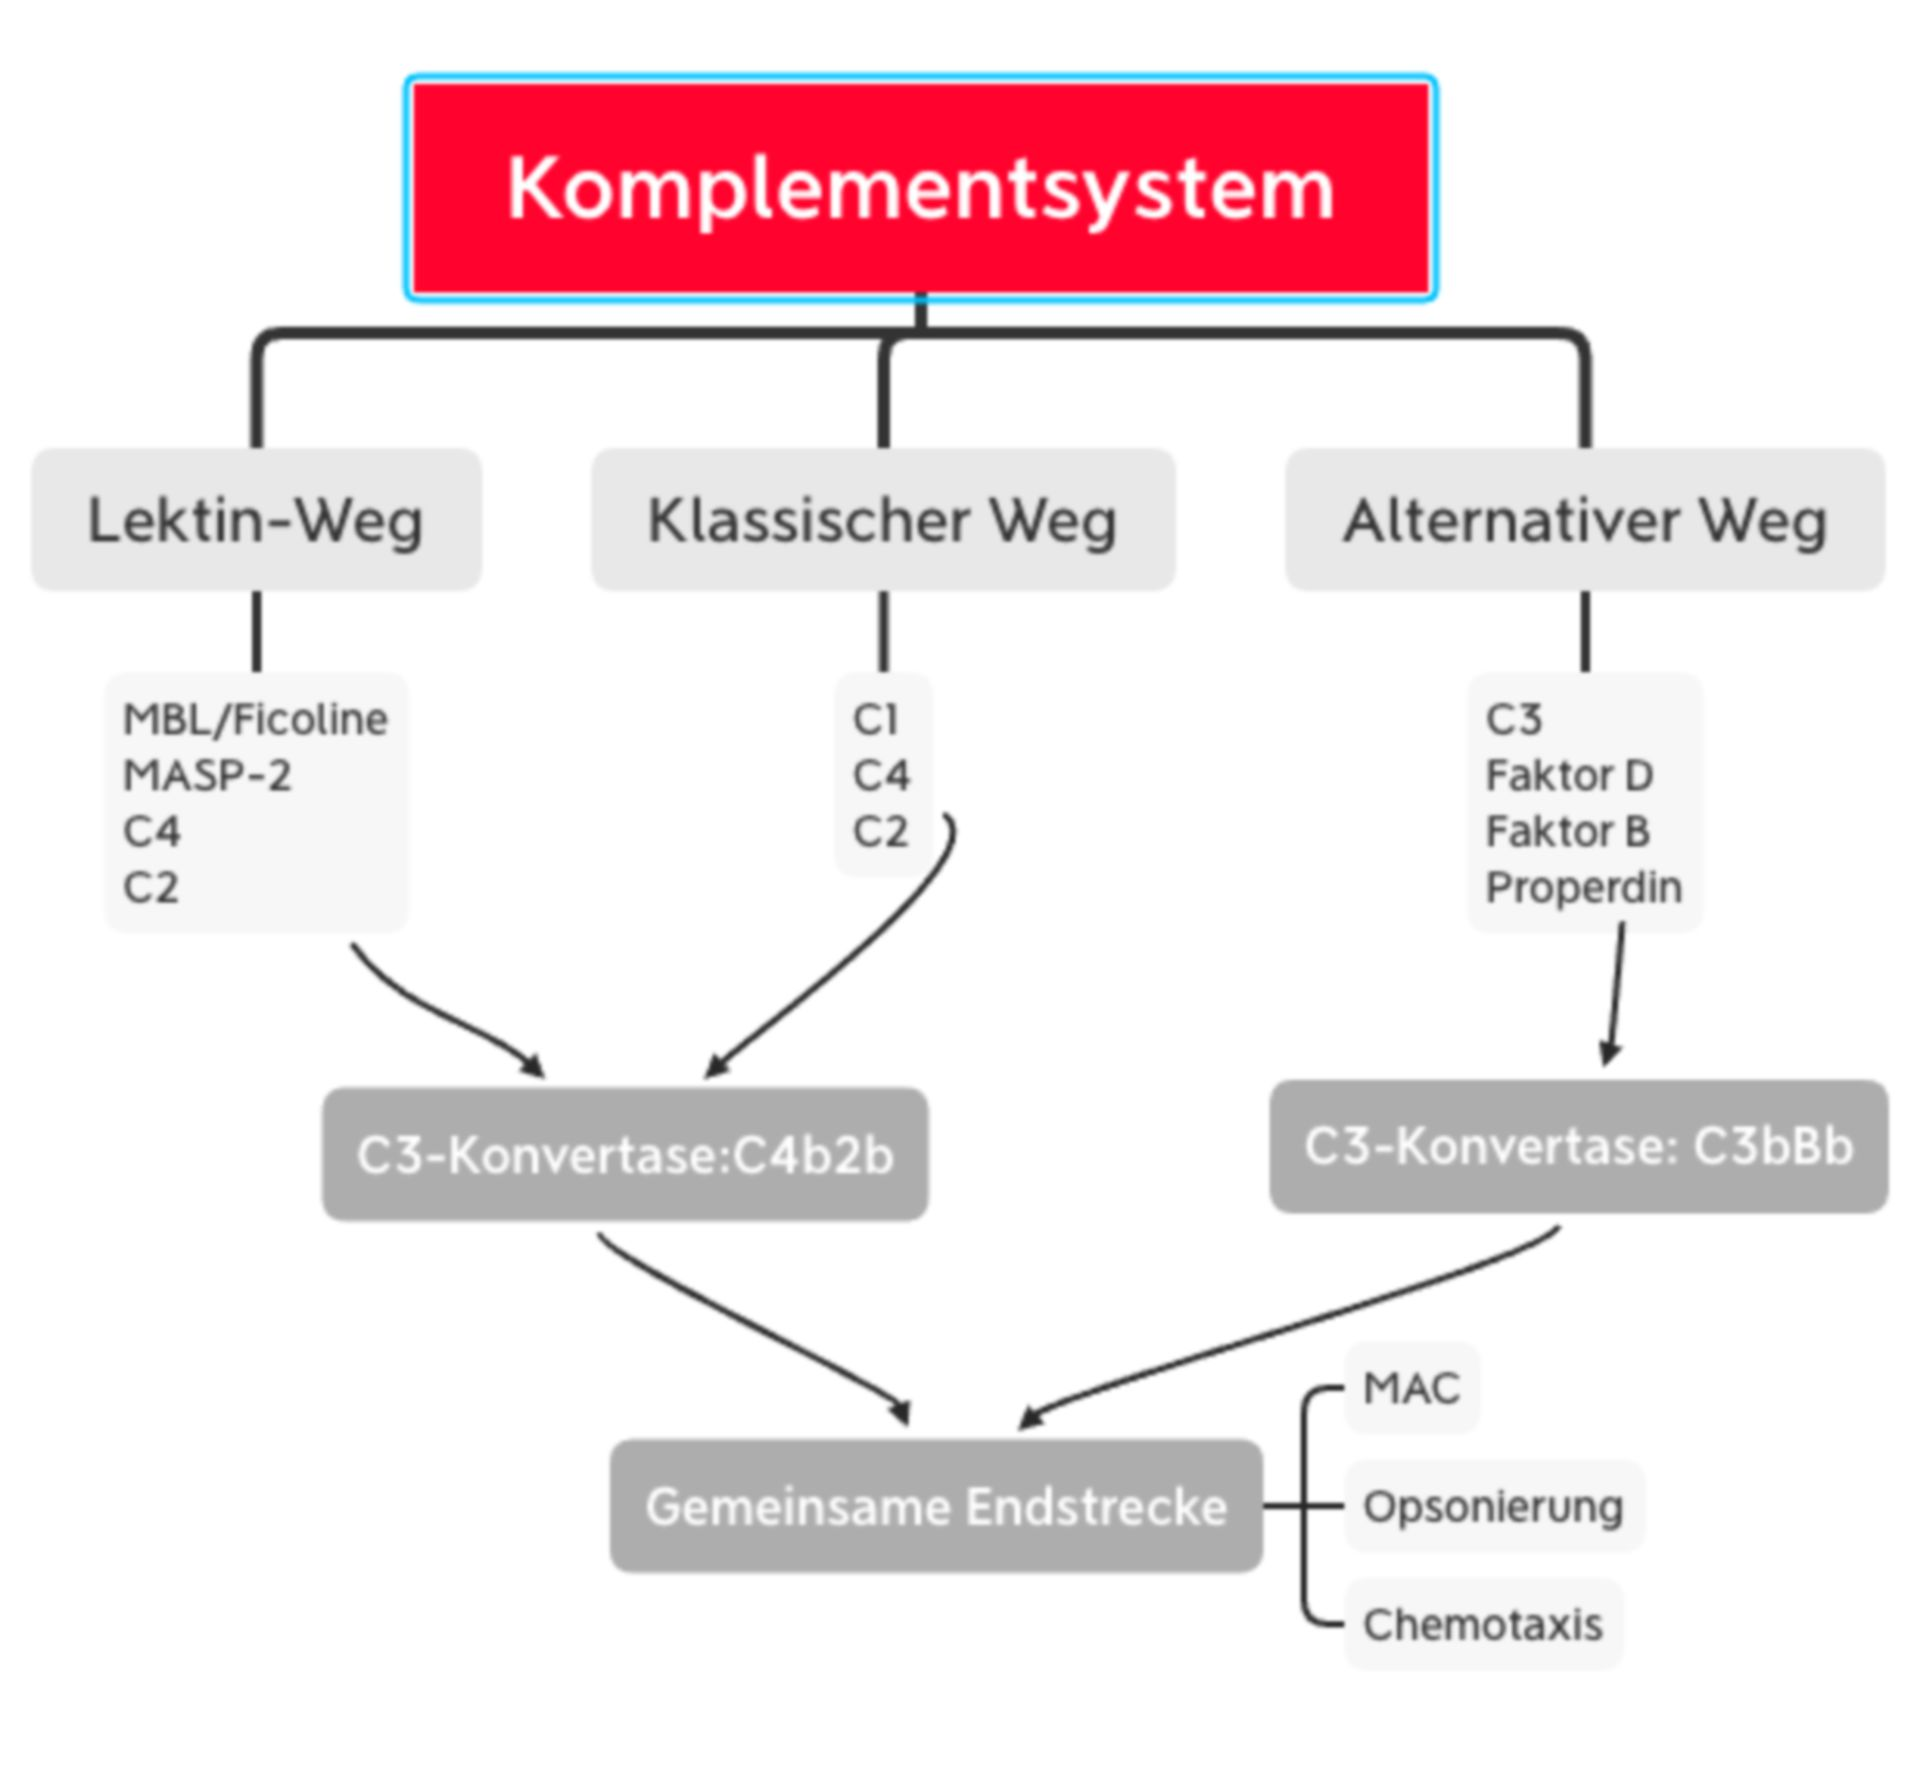 Komplementsystem - Übersicht